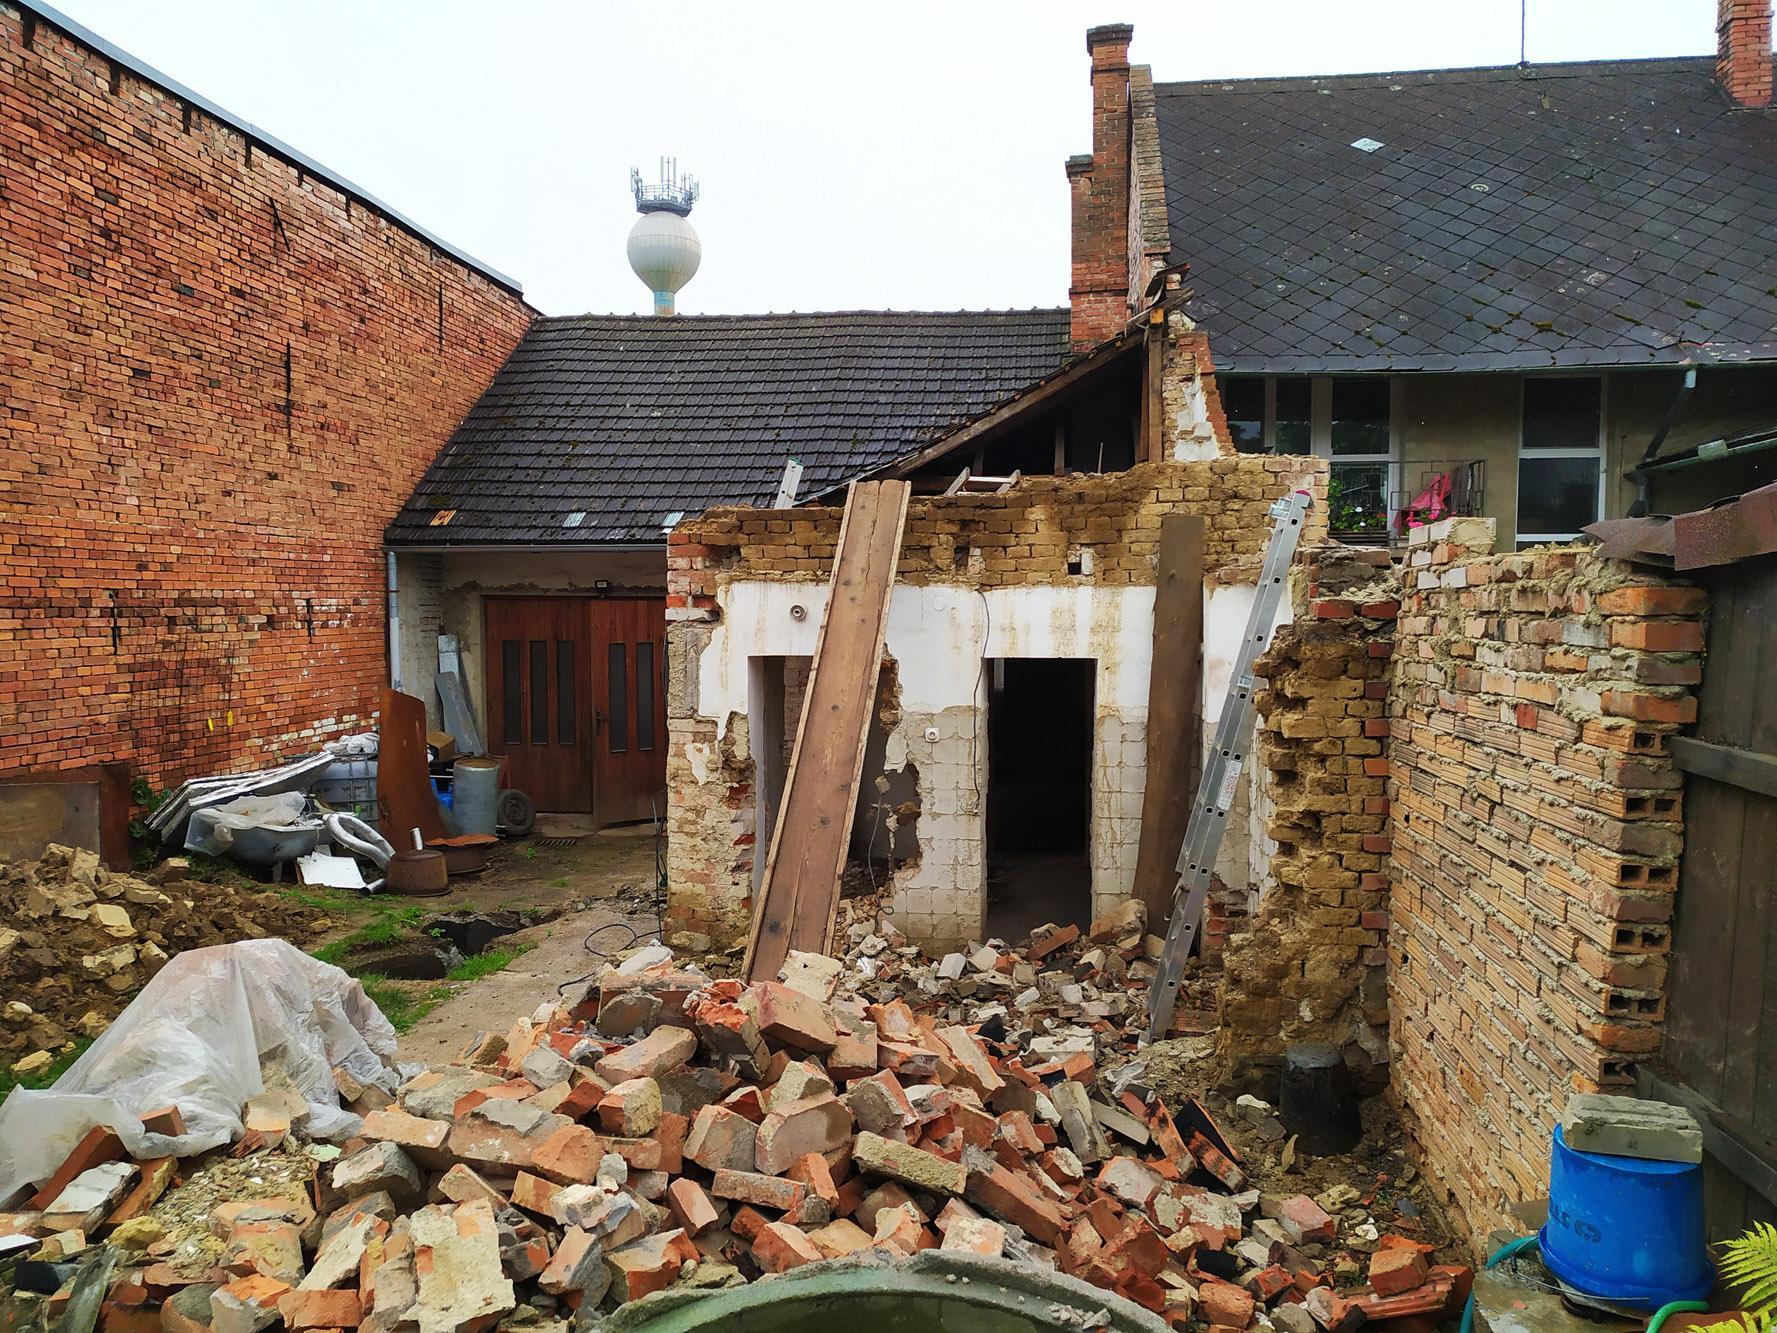 Bourání staré a stavba nové řadovky - Stavební odpad se hromadí